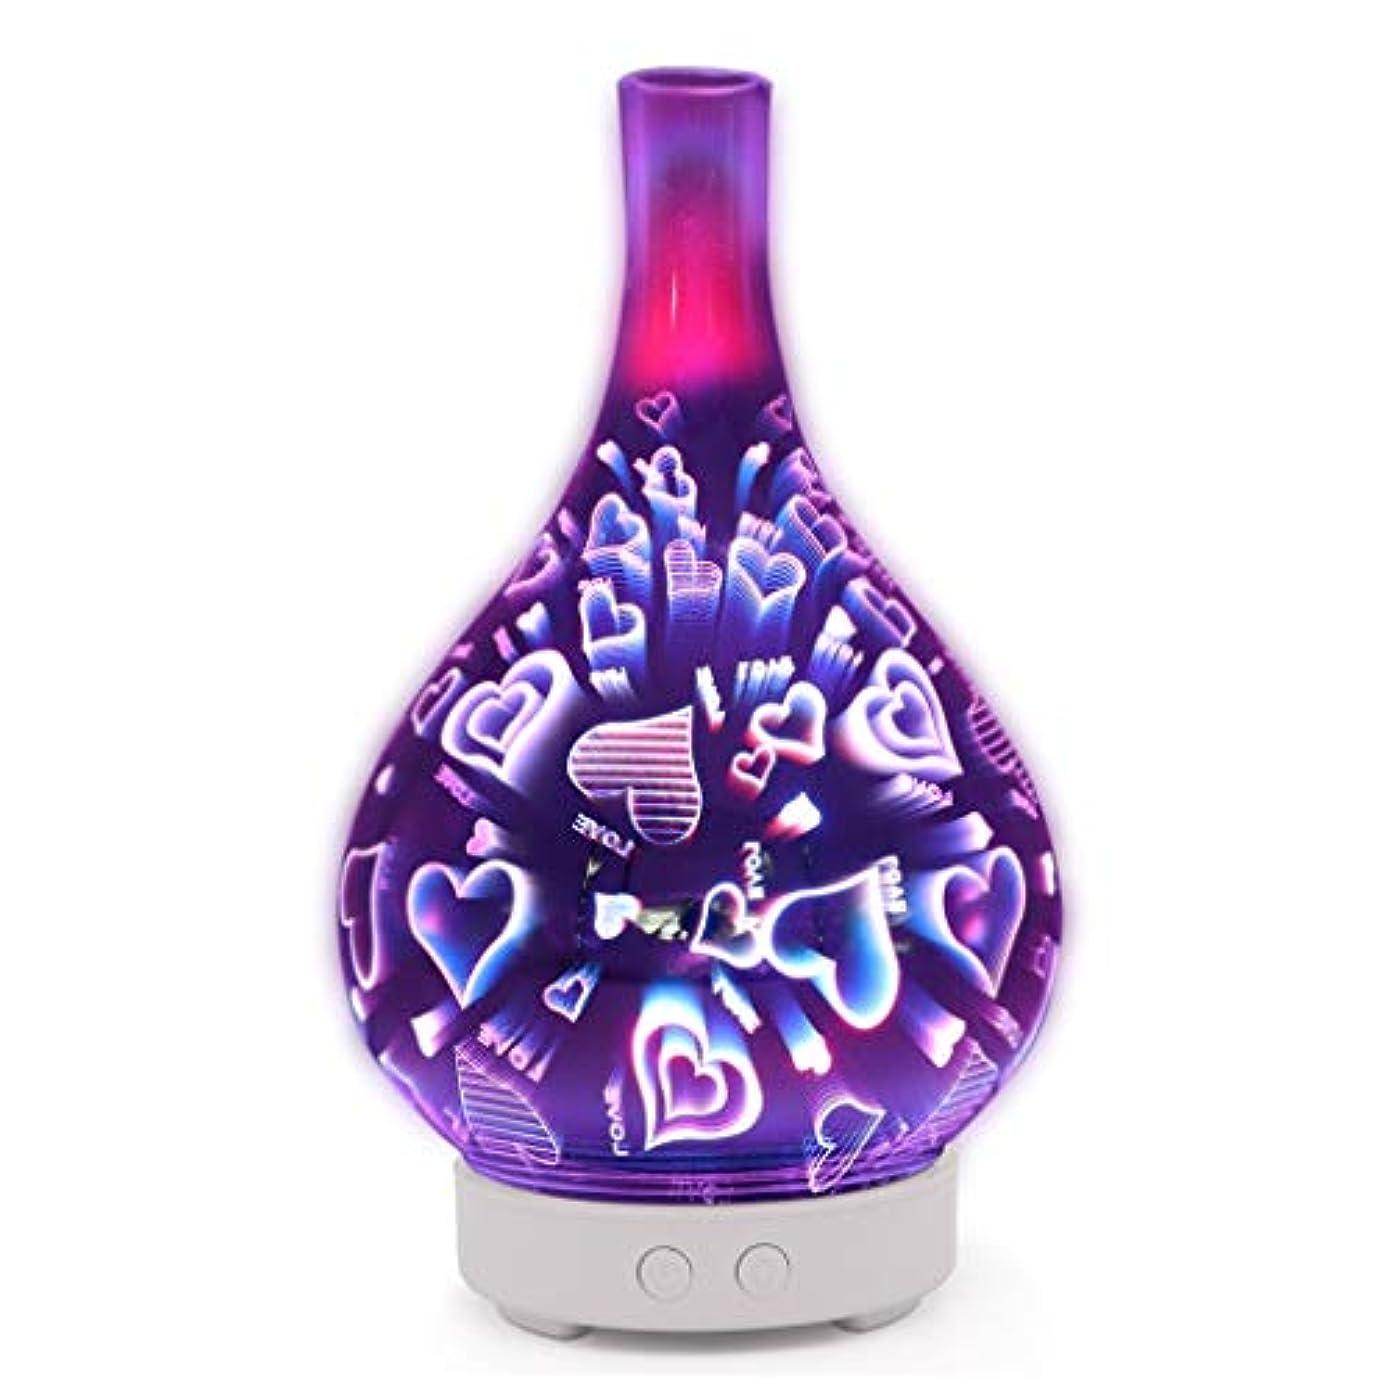 有効化印象派ごめんなさいすばらしいLEDライト、便利な自動操業停止および大きい水漕が付いている3Dガラスギャラクシー優れた超音波加湿器 (Color : Love)